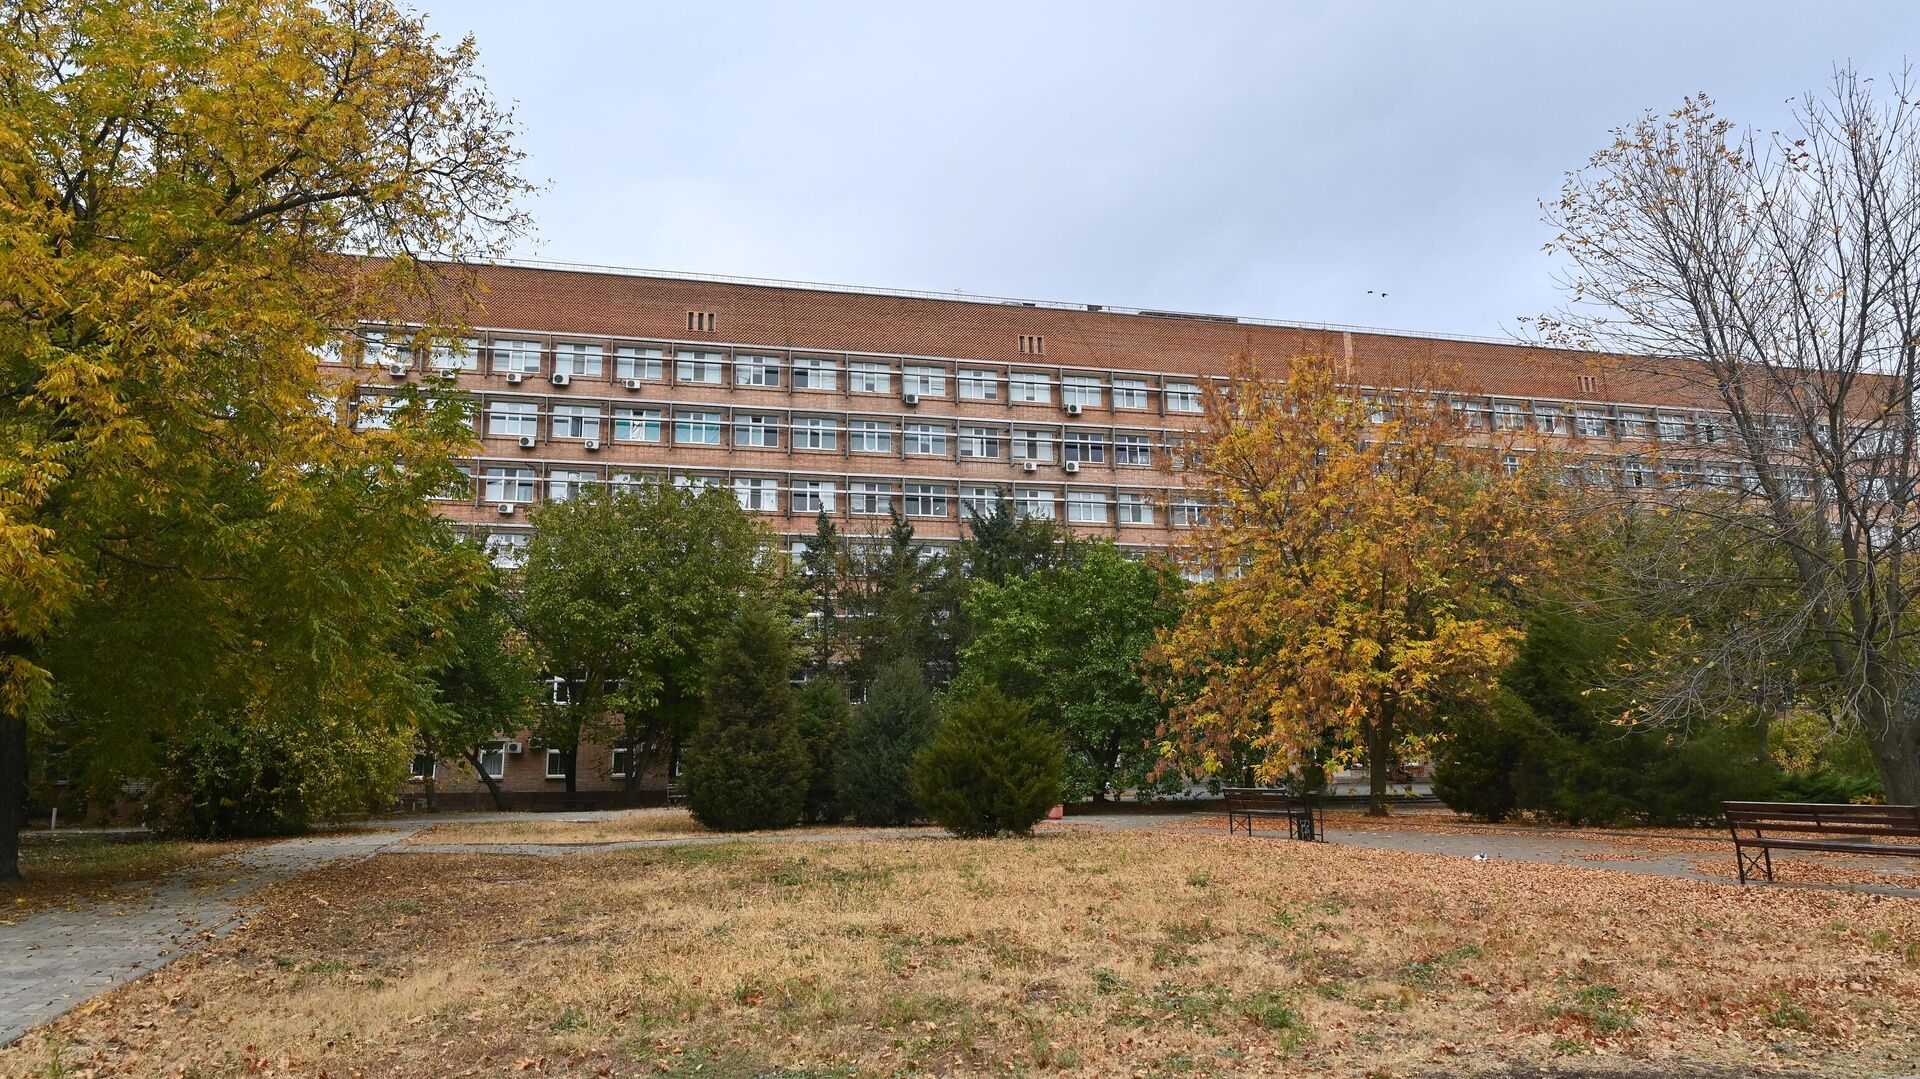 Здание городской больницы №20 в Ростове-на-Дону - РИА Новости, 1920, 27.10.2020